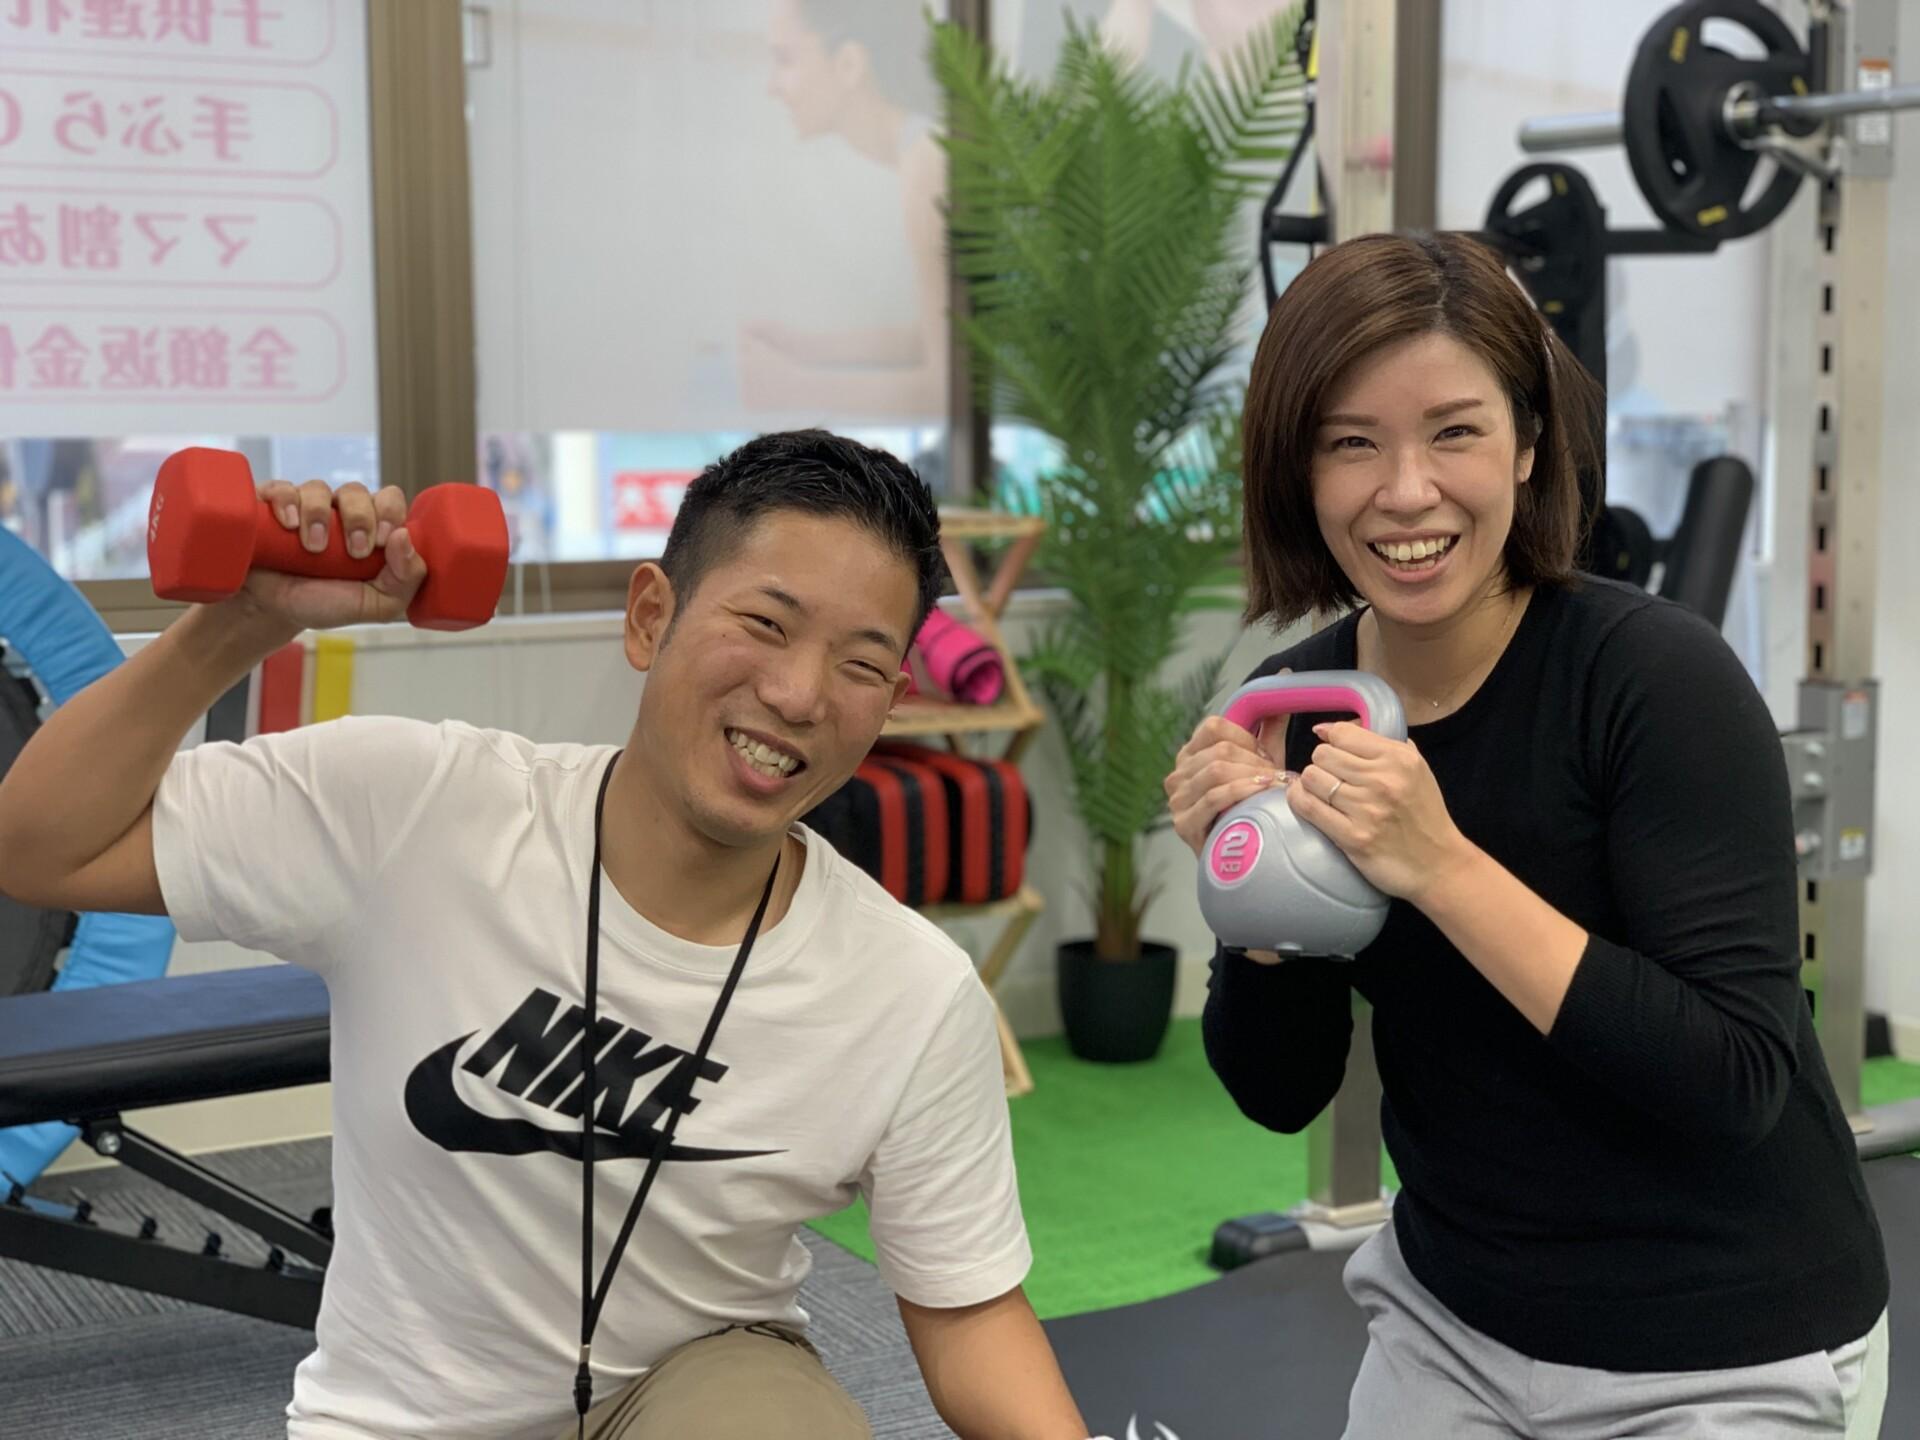 昭和区パーソナルジムでトレーナーが女性と一緒に撮っている